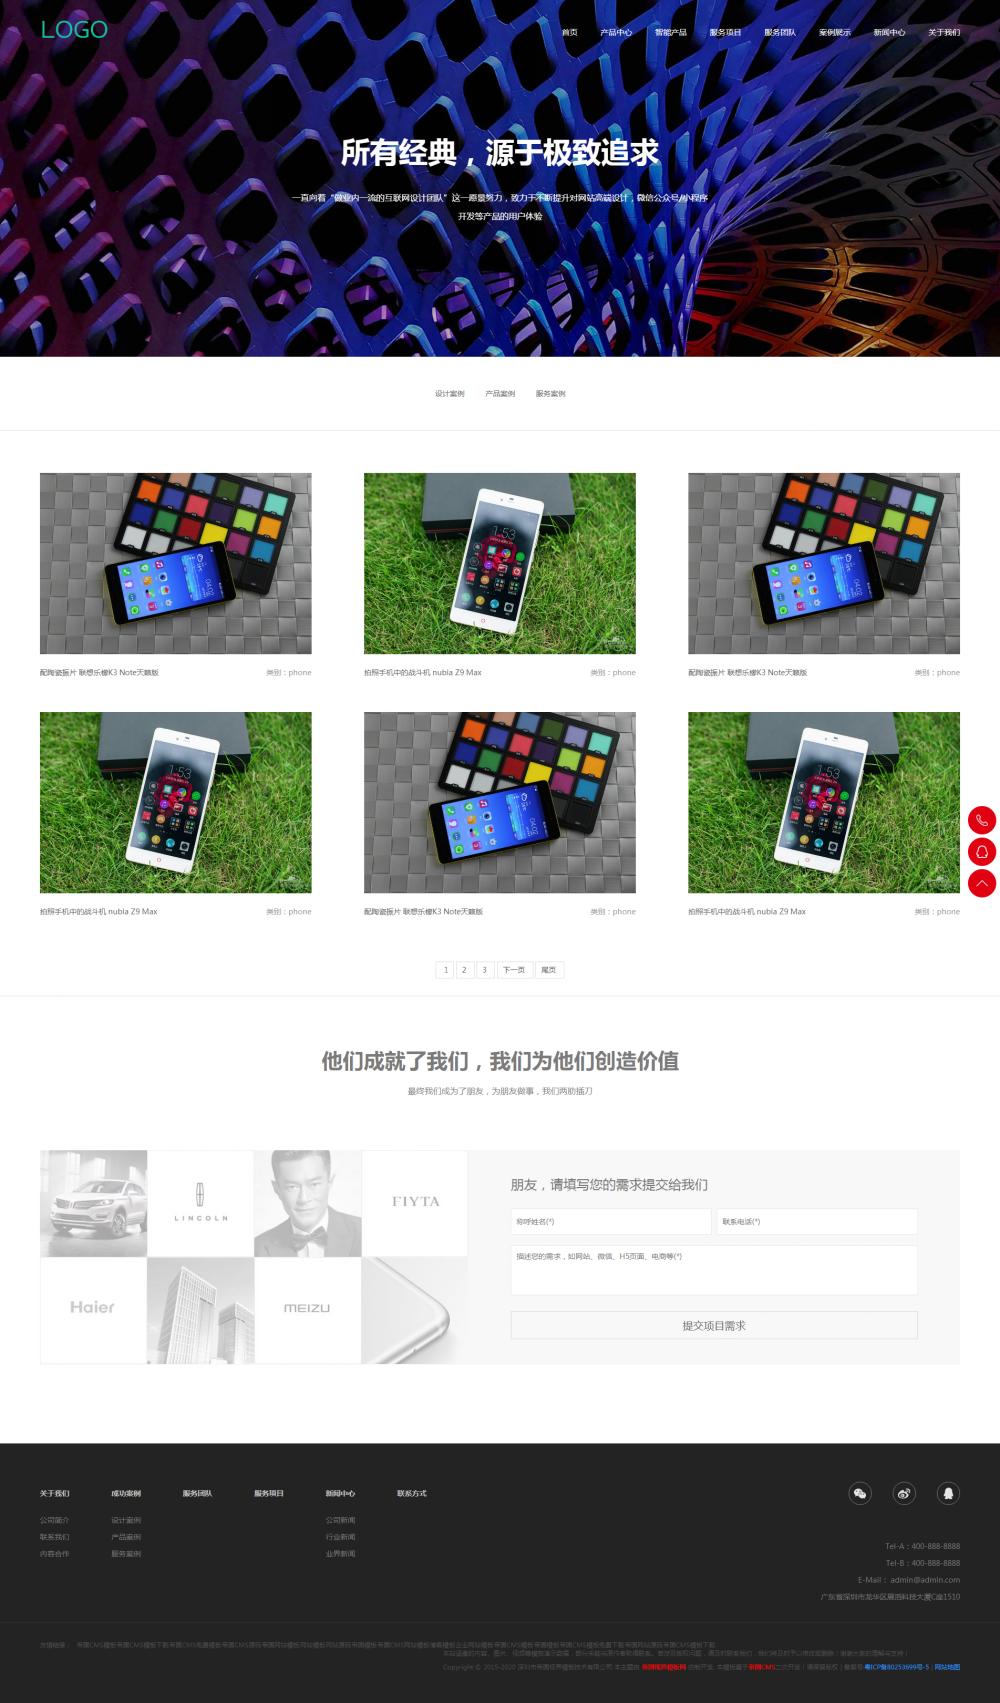 3智能产品.png [DG-110]响应式高端网站建设互联网营销类帝国CMS模板 html5建站设计公司网站源码(自适应手机版) 企业模板 第3张